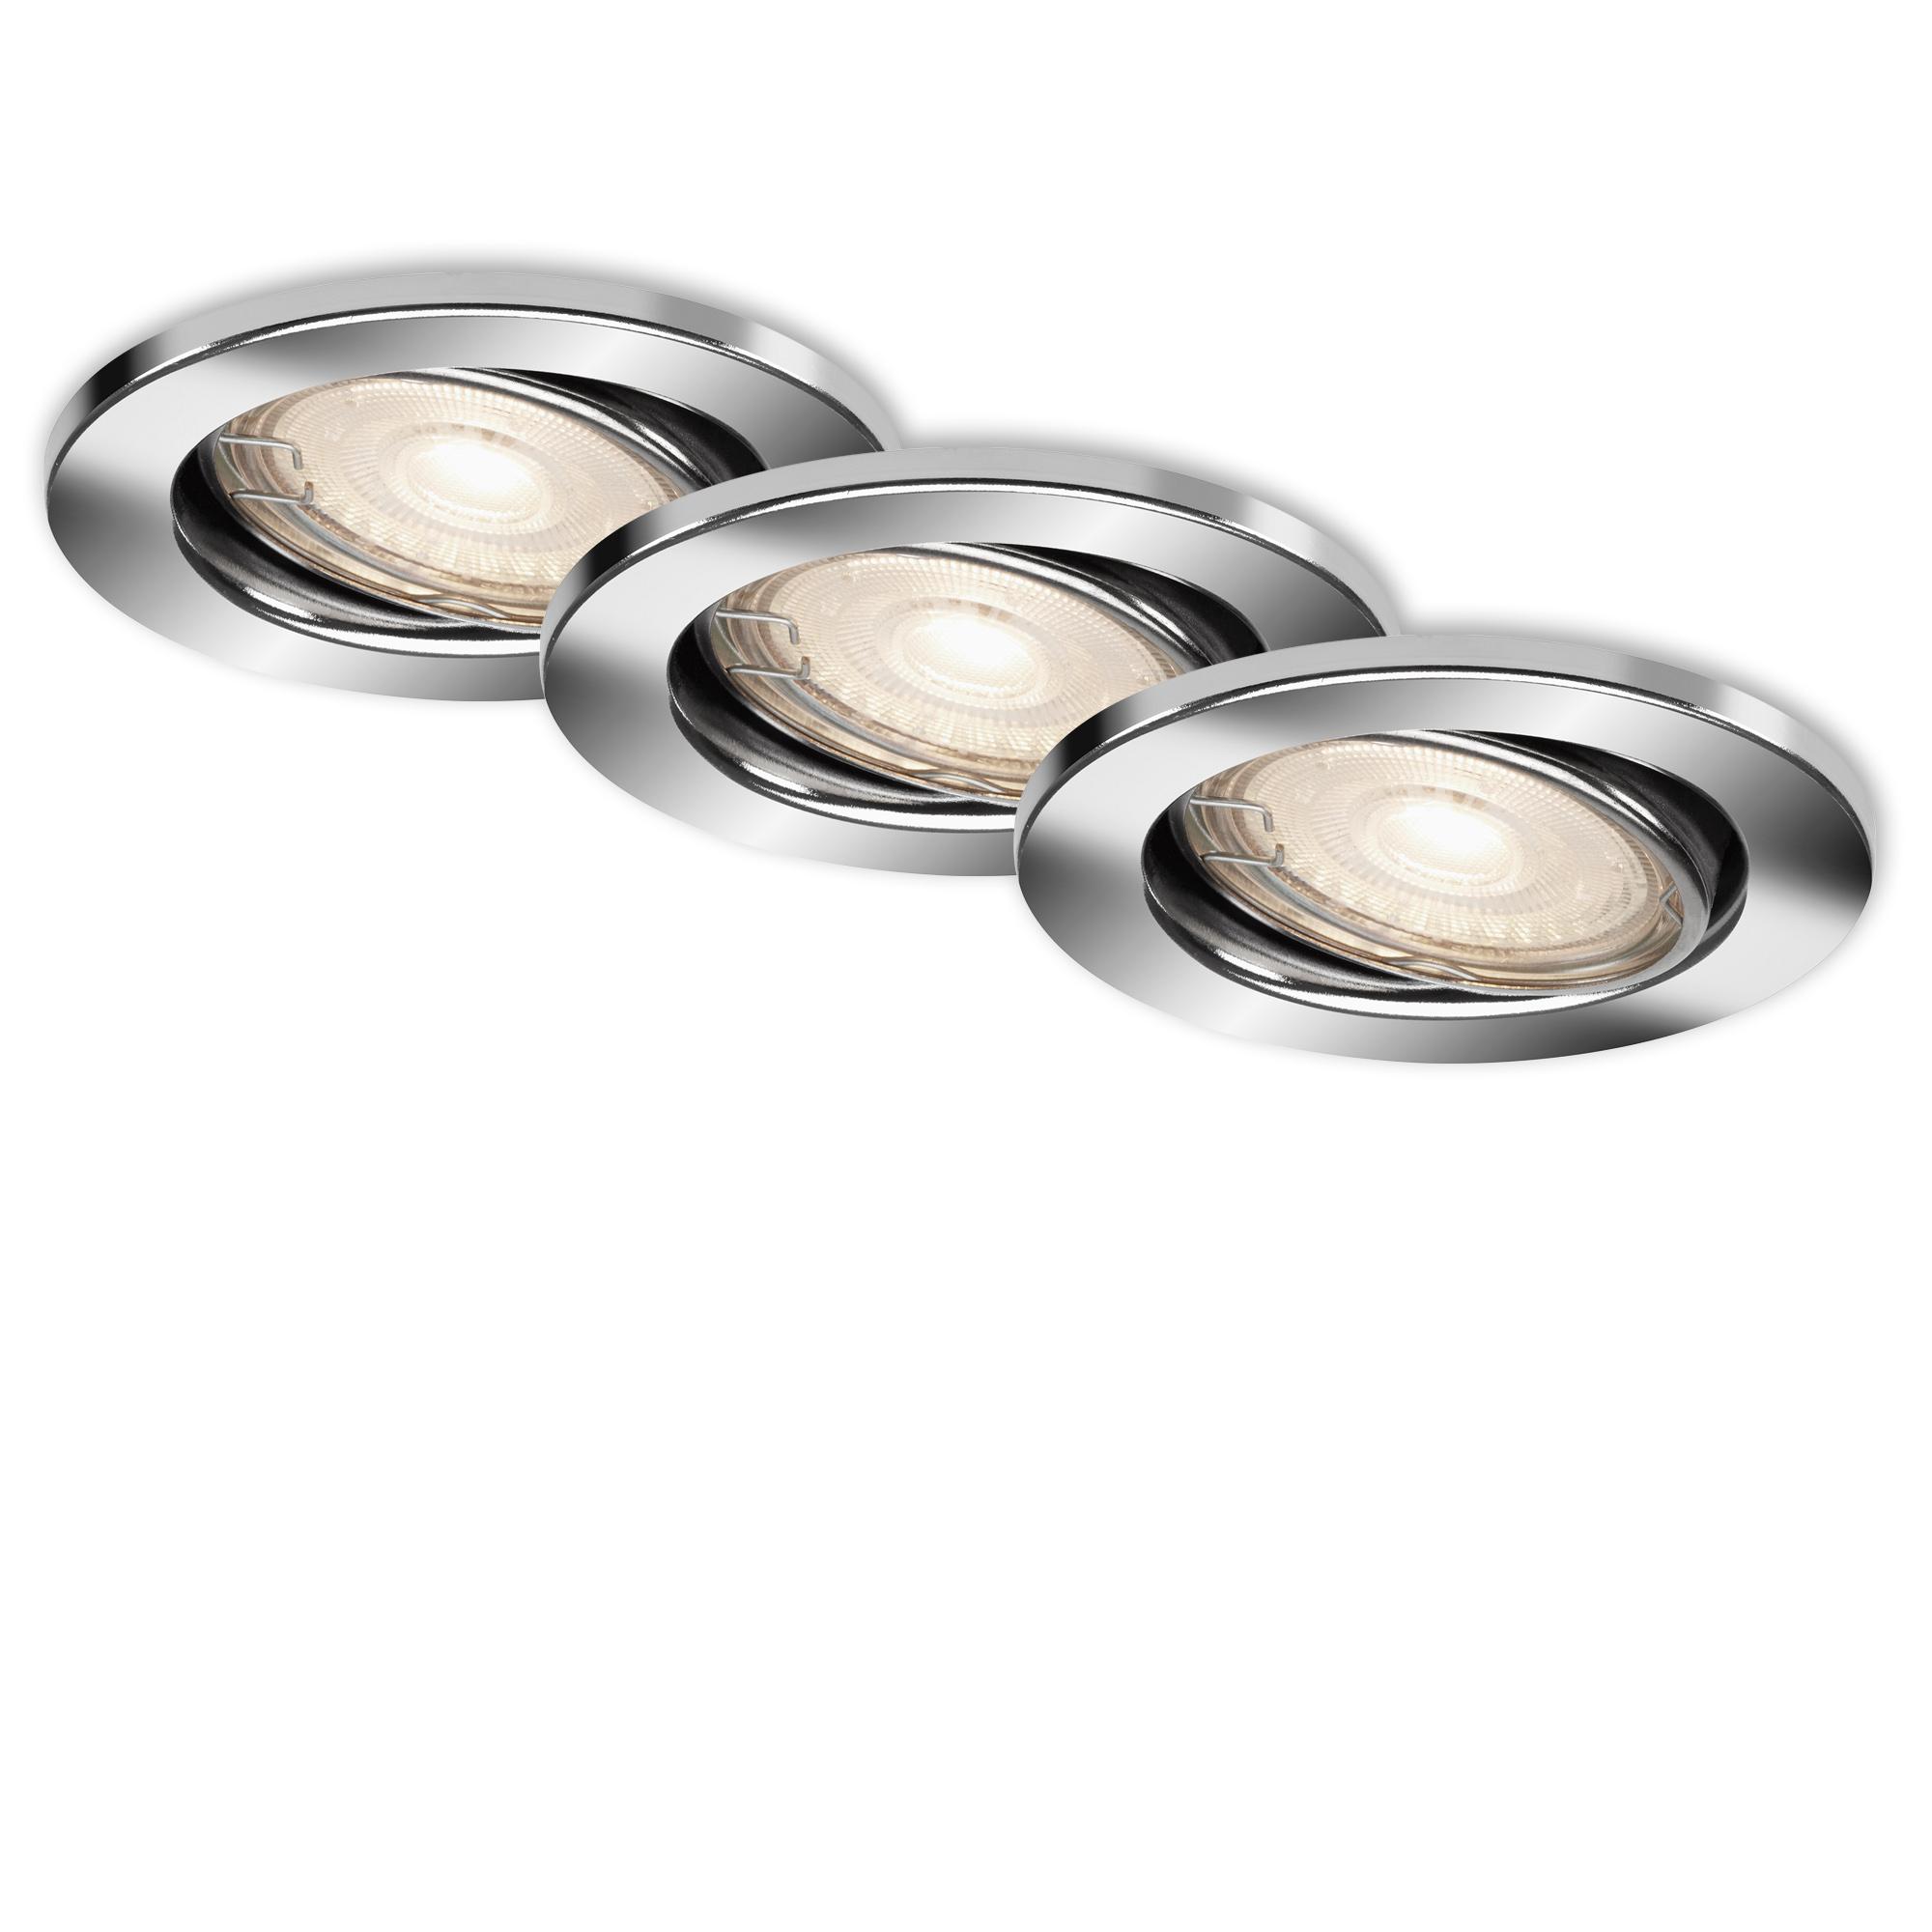 3er Set LED Einbauleuchte, Ø 8,6 cm, 3,5 W, Chrom